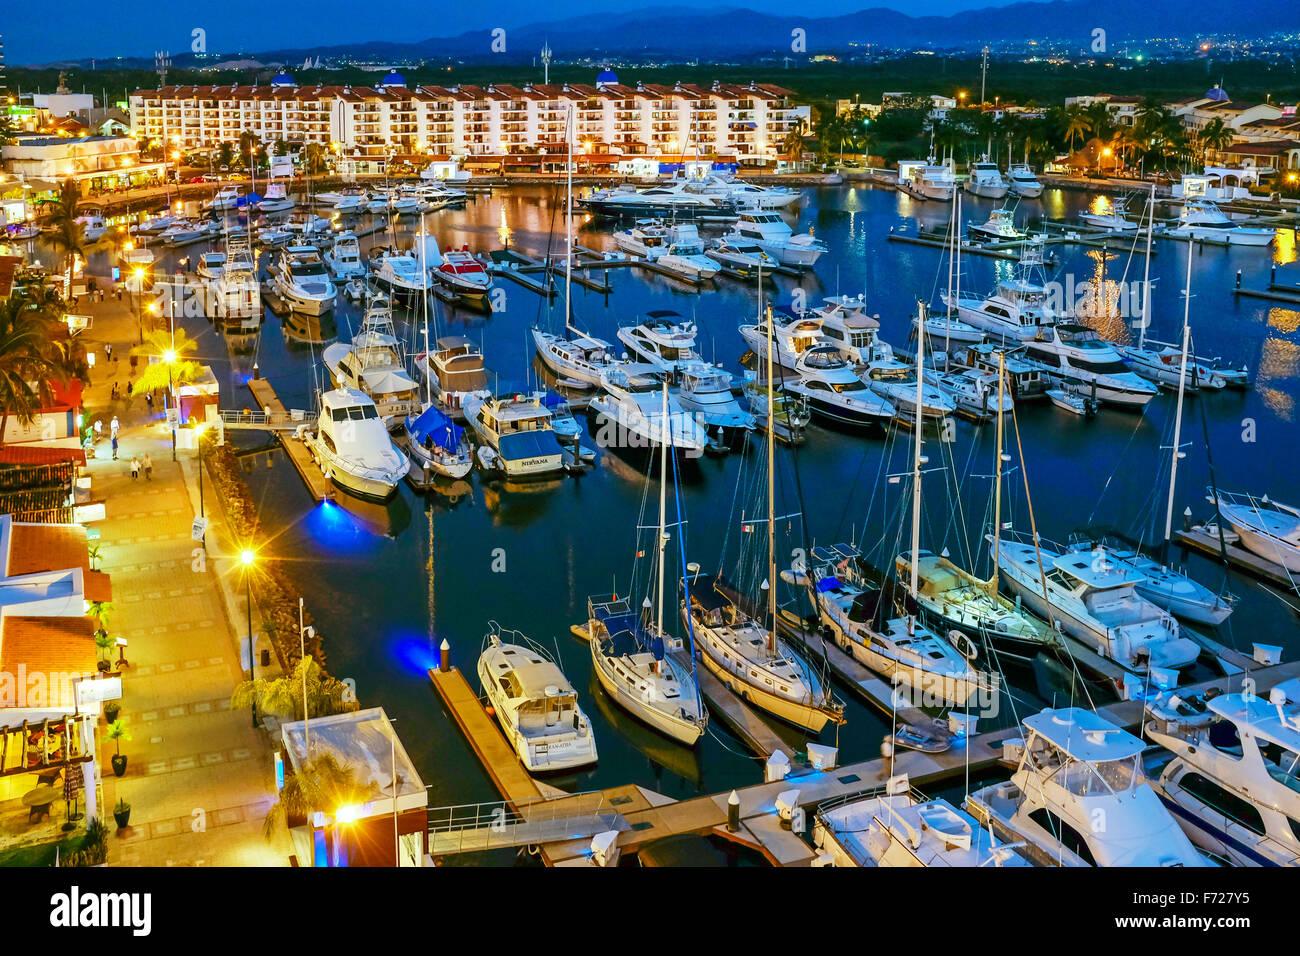 Abends an der Marina bei Marina Vallarta, Puerto Vallarta, Mexiko Stockbild